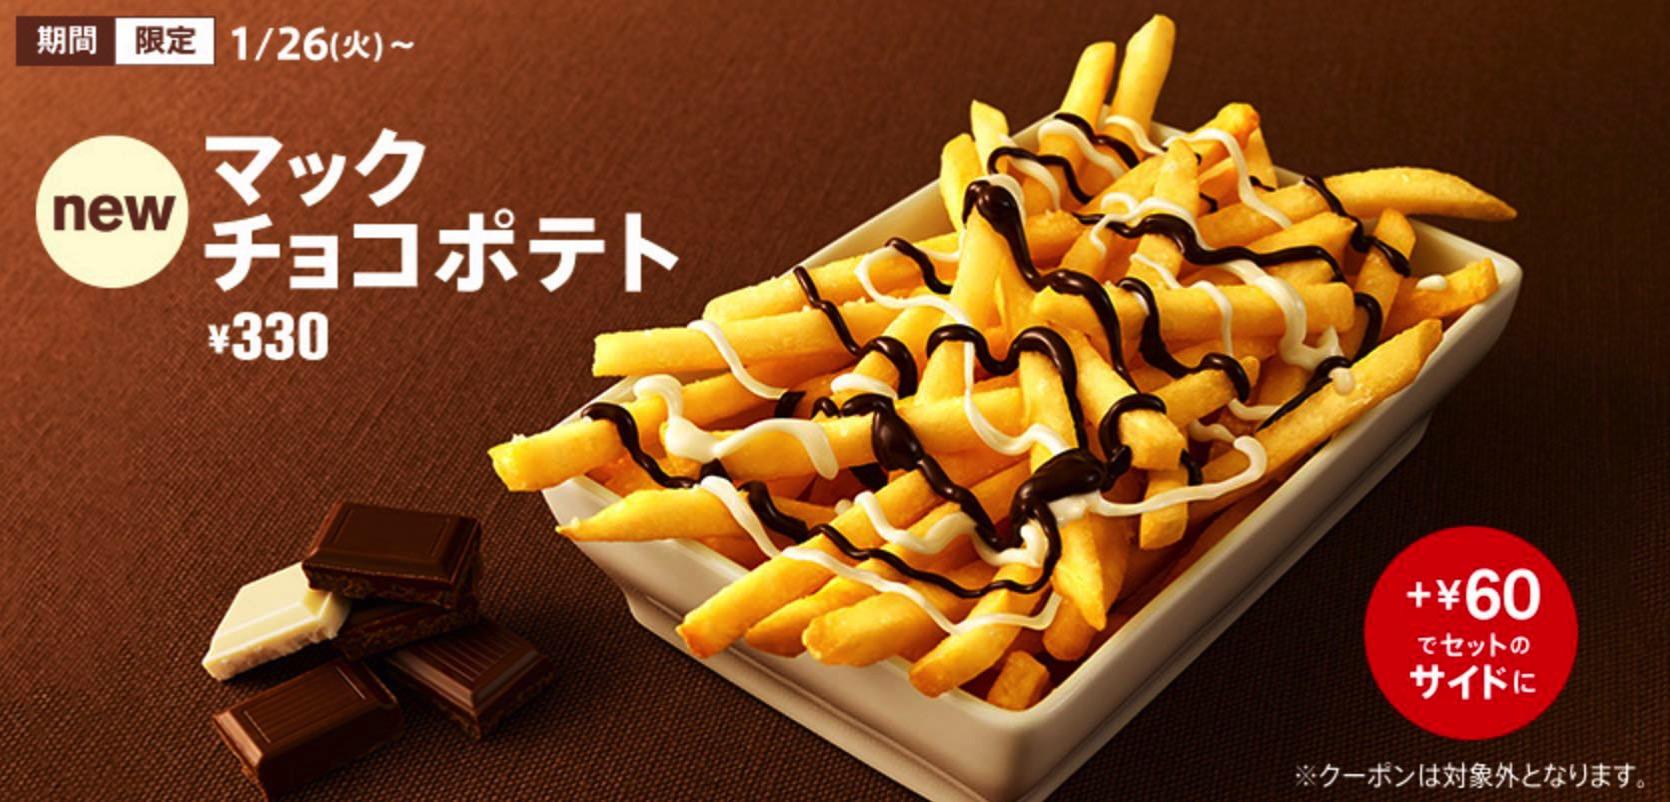 甘い&塩っぱい!マックフライポテトにホワイトとブラウンのチョコソースをかけた「マックチョコポテト」期間限定で発売へ